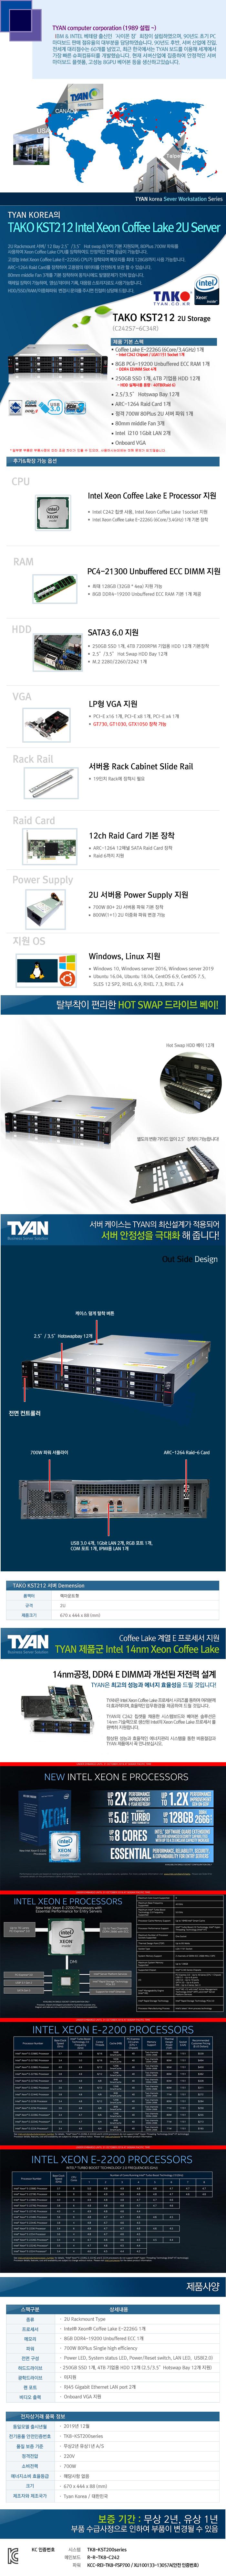 TYAN TAKO-KST212-(C242S7-6C34R) (8GB, SSD 250GB + 40TB)